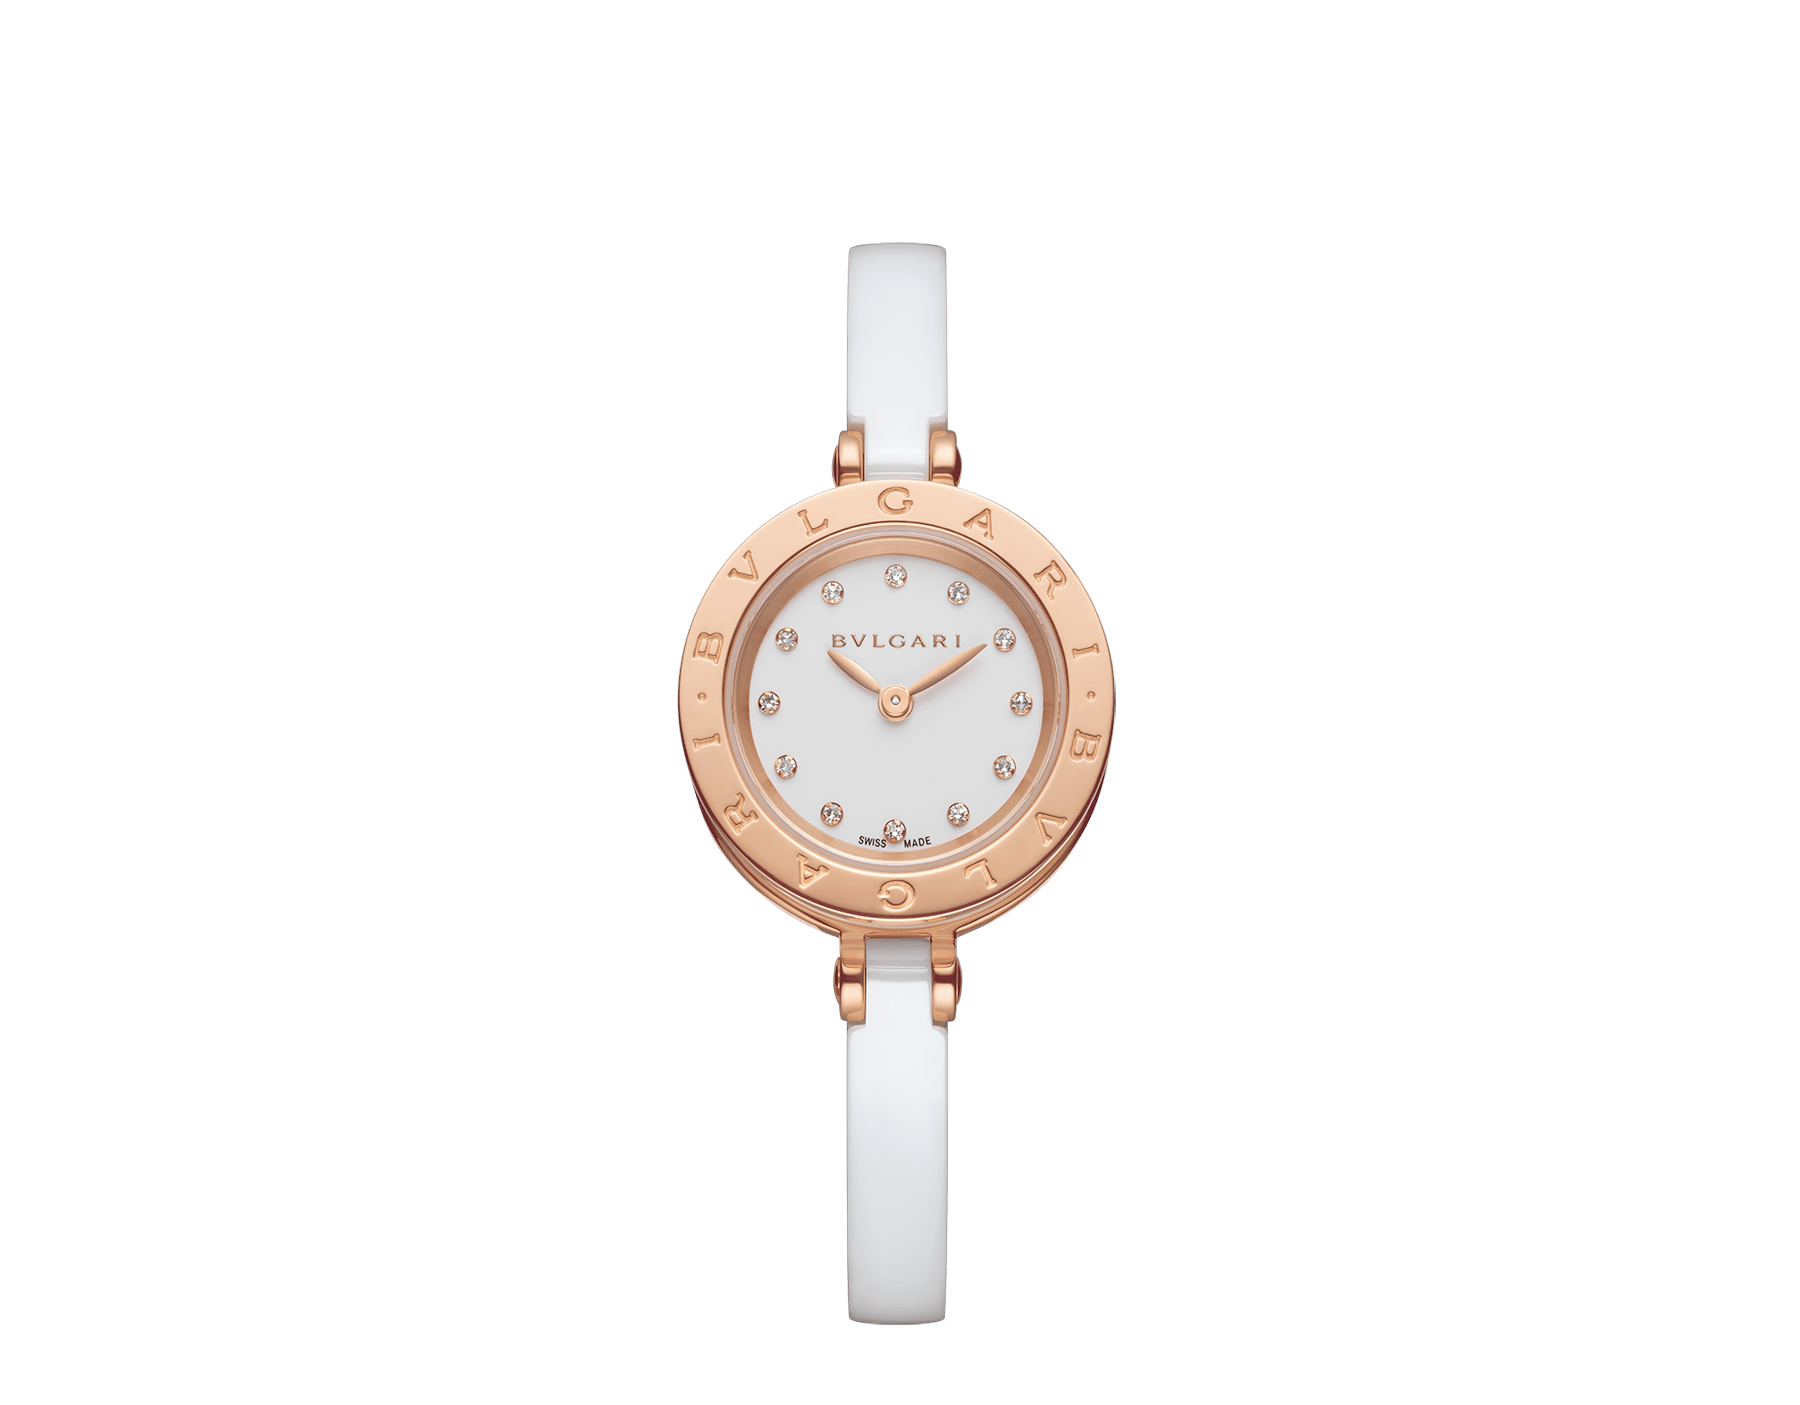 Relógio B.zero1 com caixa em aço inoxidável e ouro rosa 18K, espiral e pulseira em cerâmica branca, mostrador branco laqueado e índices de diamante. Tamanho médio B01watch-white-white-dial3 image 8